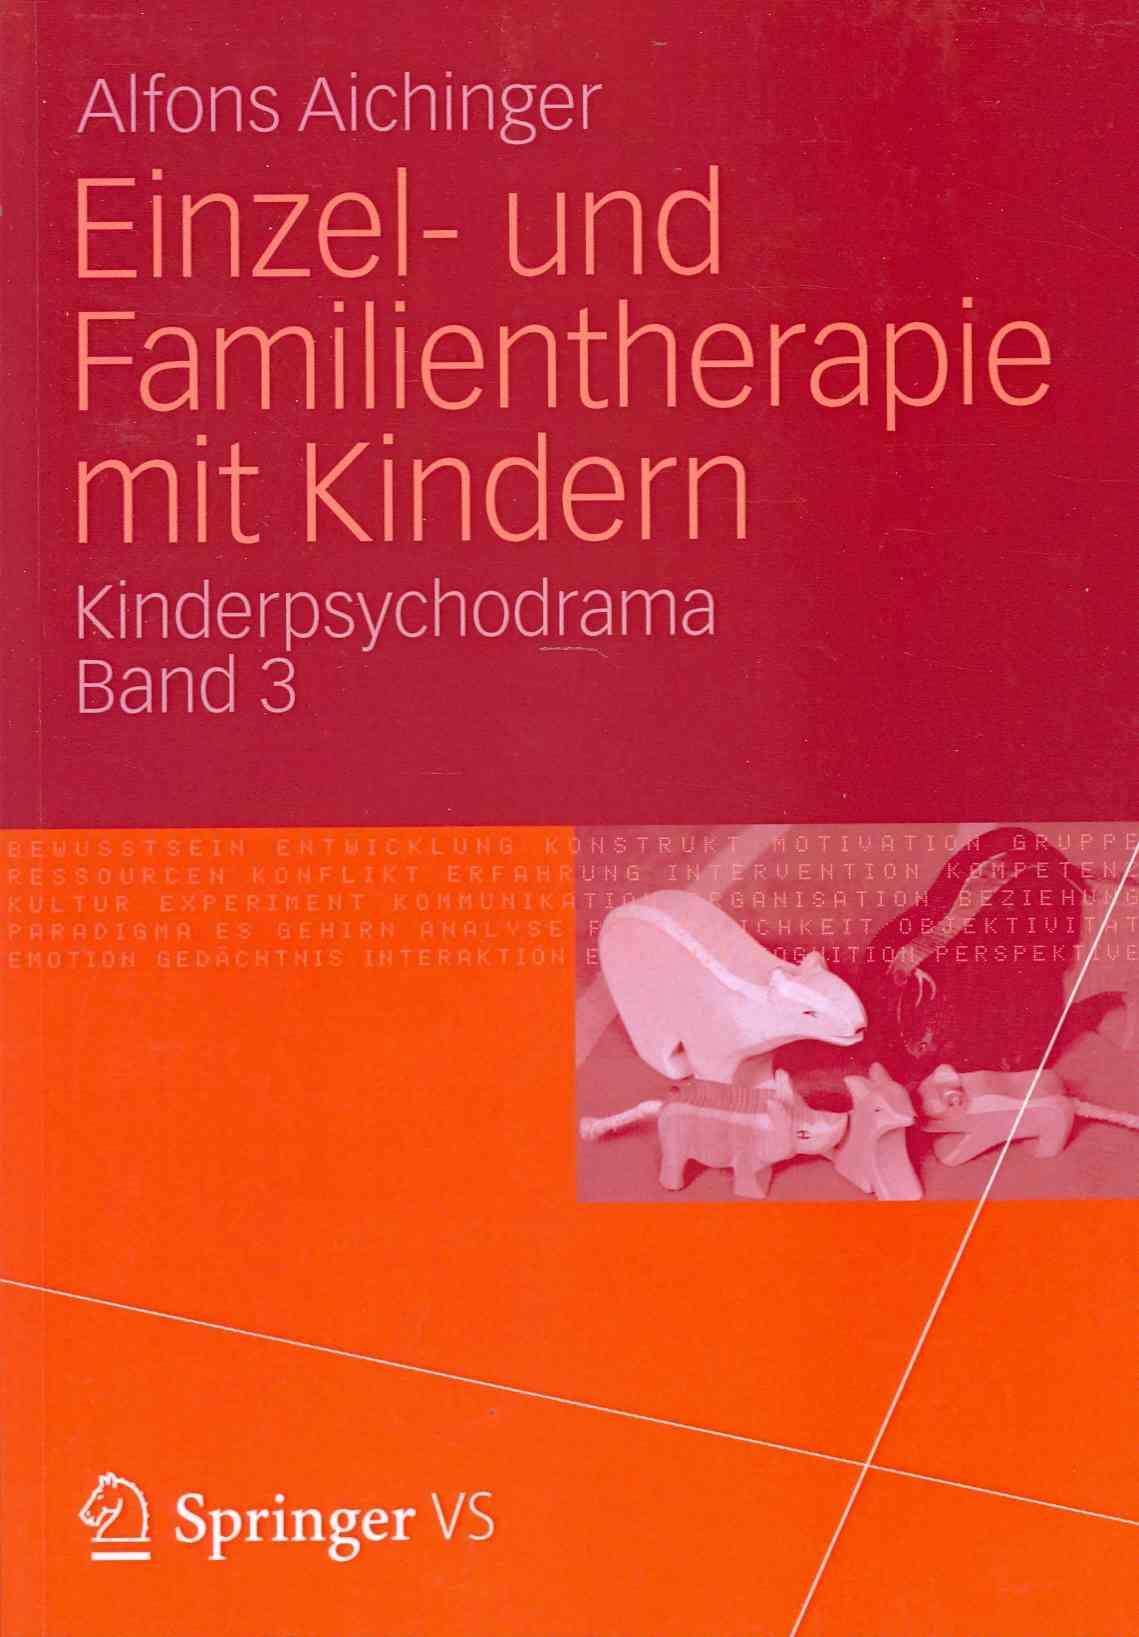 Einzel- Und Familientherapie Mit Kindern By Aichinger, Alfons